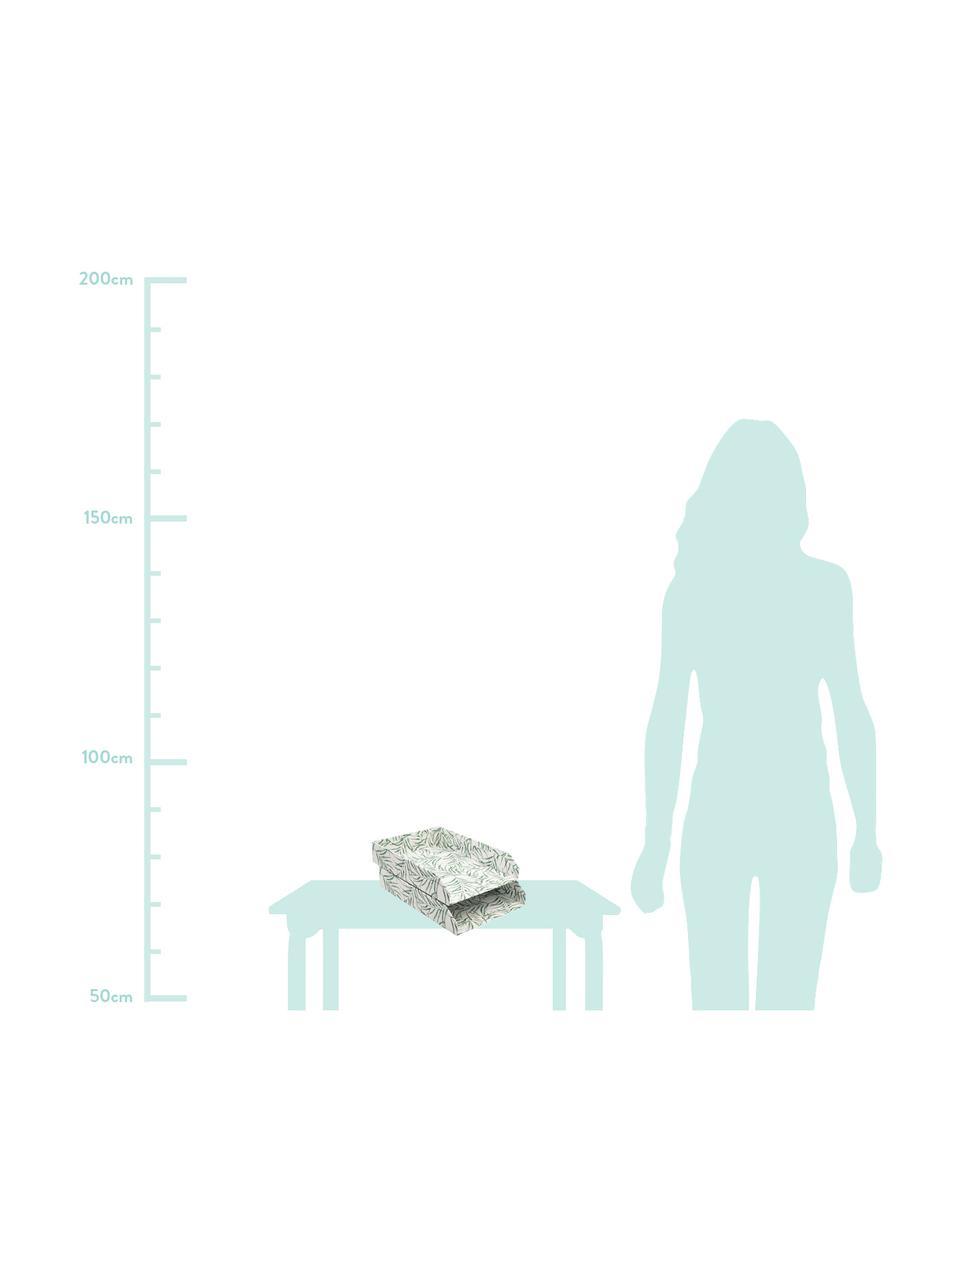 Dokumenten-Ablagen Leaf, 2 Stück, Fester, laminierter Karton, Weiß, Grün, B 23 x T 31 cm